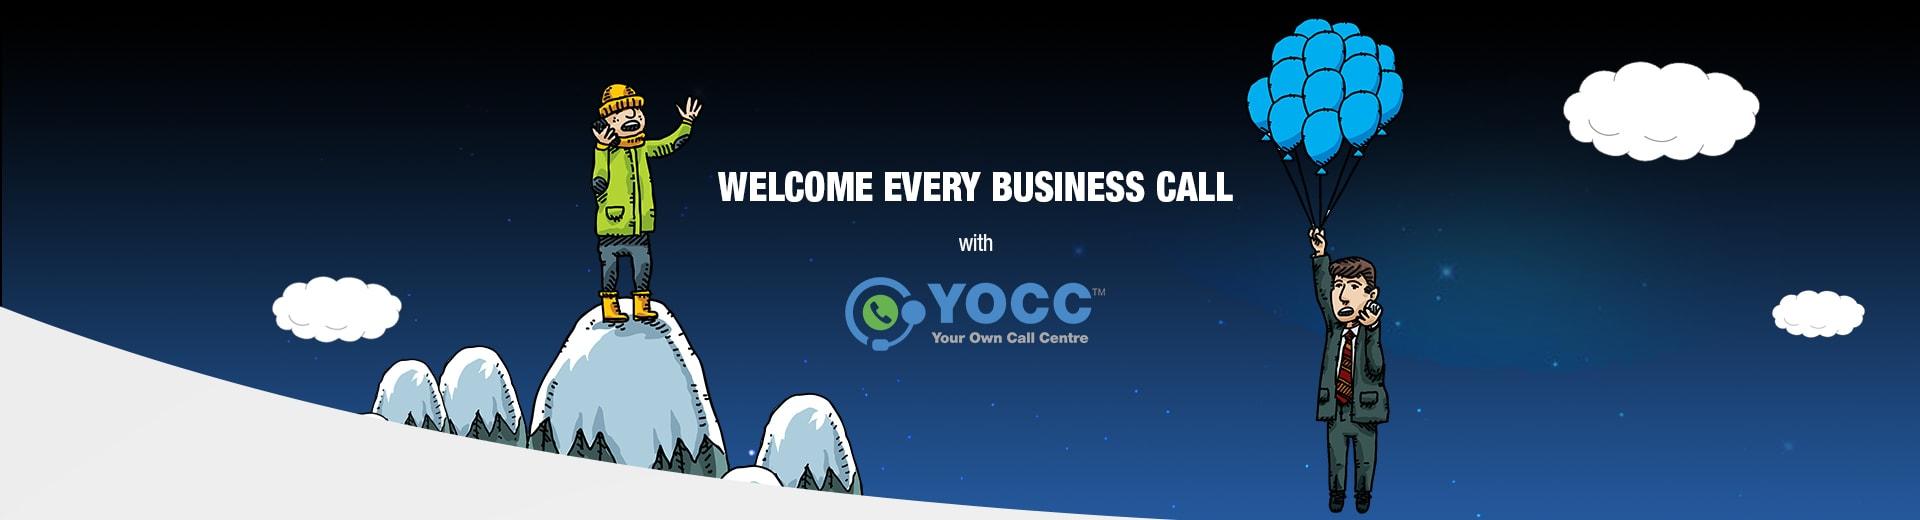 YOCC - Big V Telecom